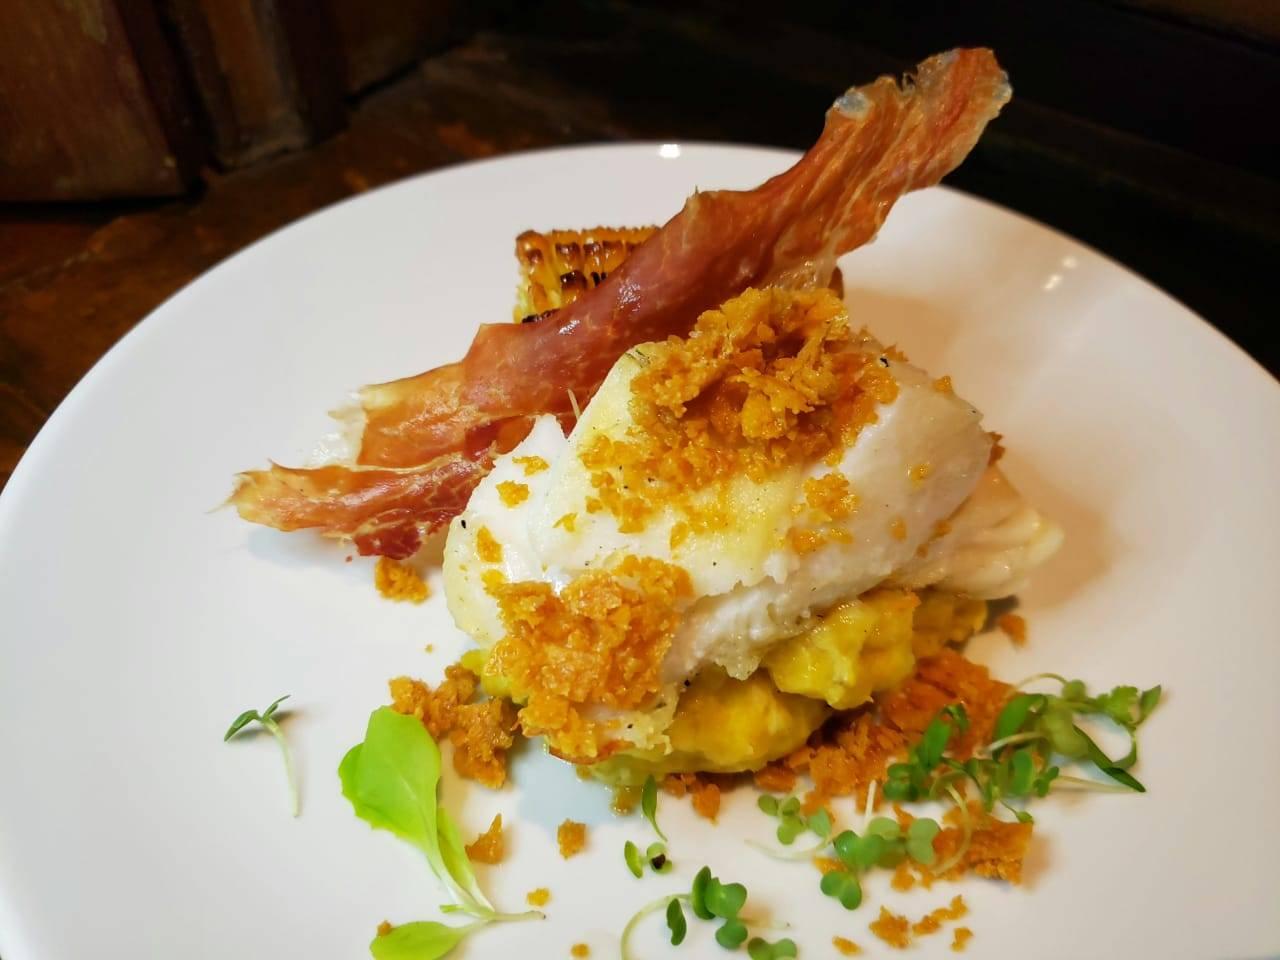 <em>Lombo de bacalhau grelhado em forno a lenha, acompanhado de guisado de banana-da-terra, milho tostado e farofa crocante de milho</em>.